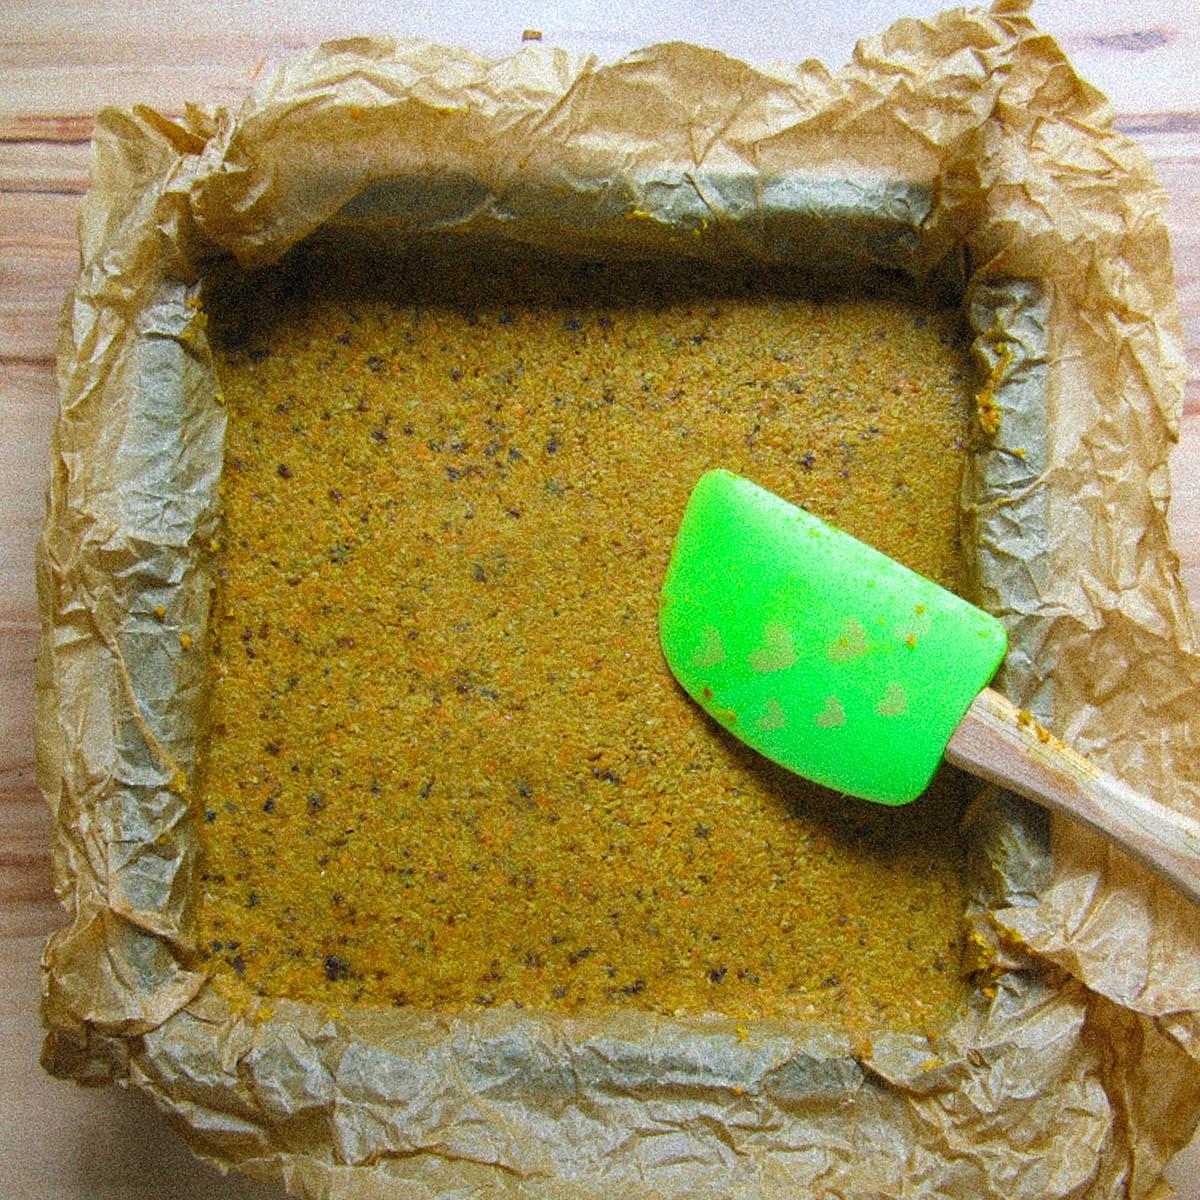 Mengsel voor glutenvrije wortelcake in bakvorm